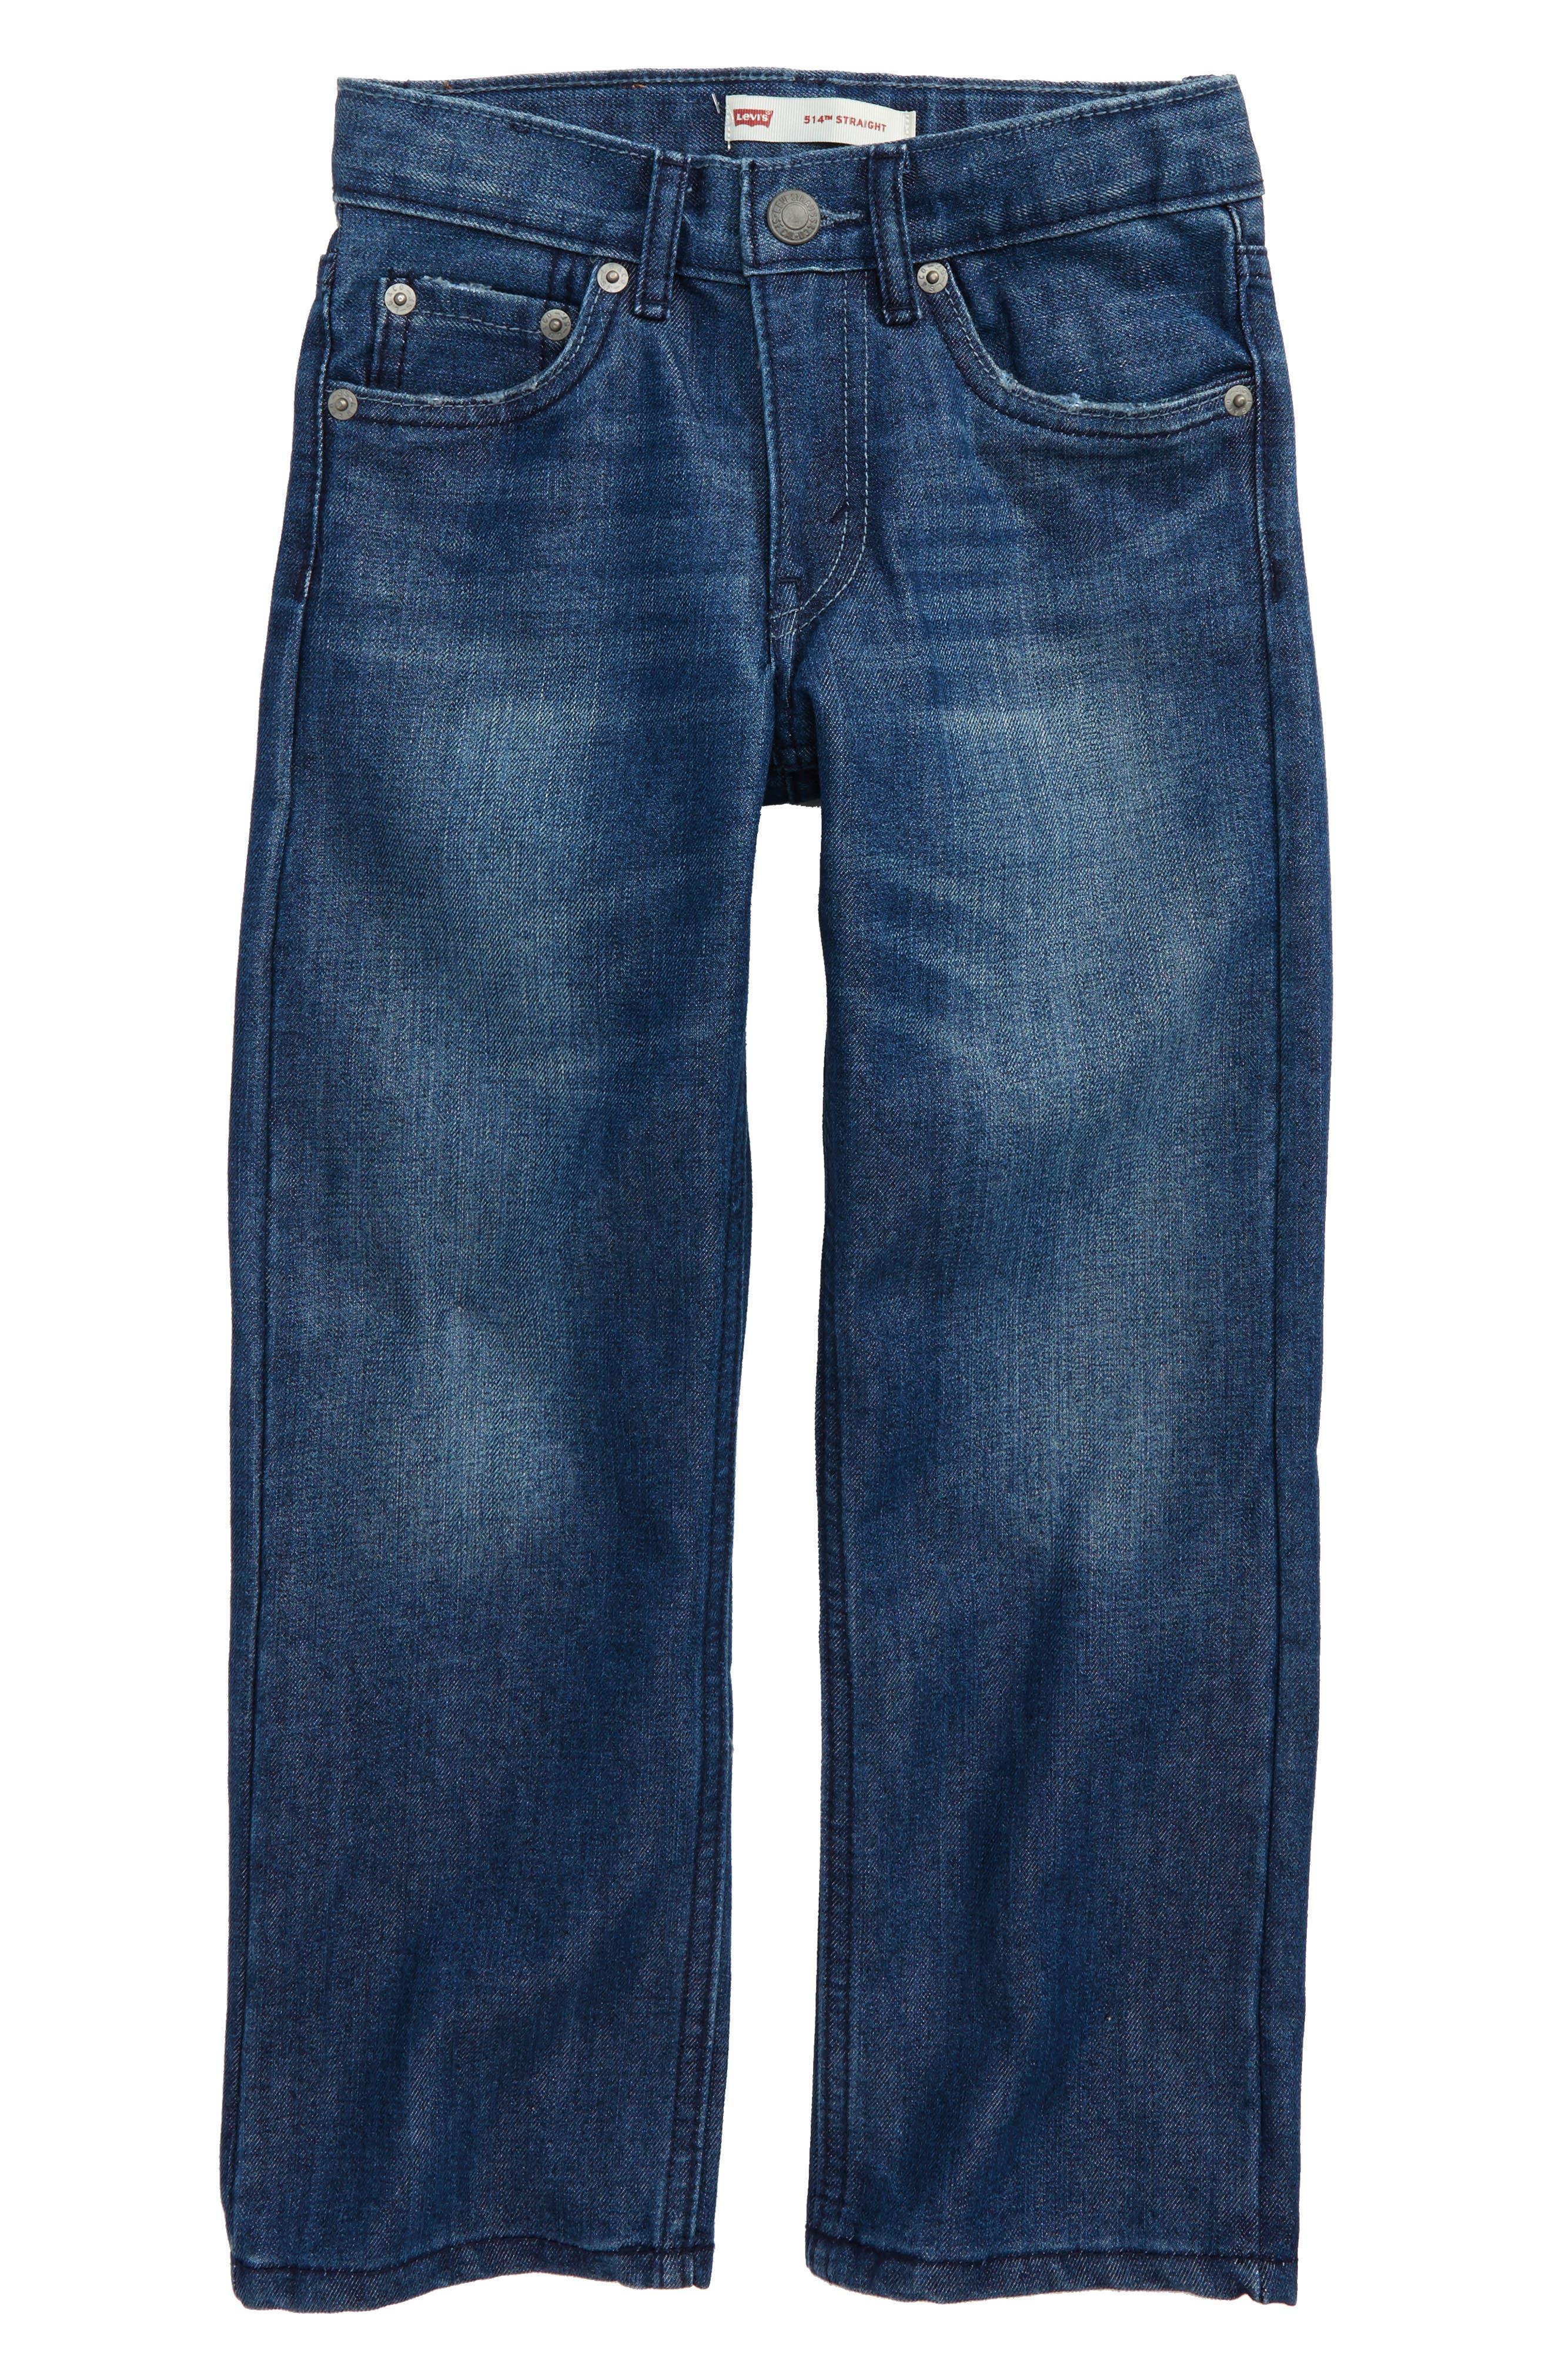 Alternate Image 1 Selected - Levi's® 514™ Straight Leg Jeans (Toddler Boys & Little Boys)